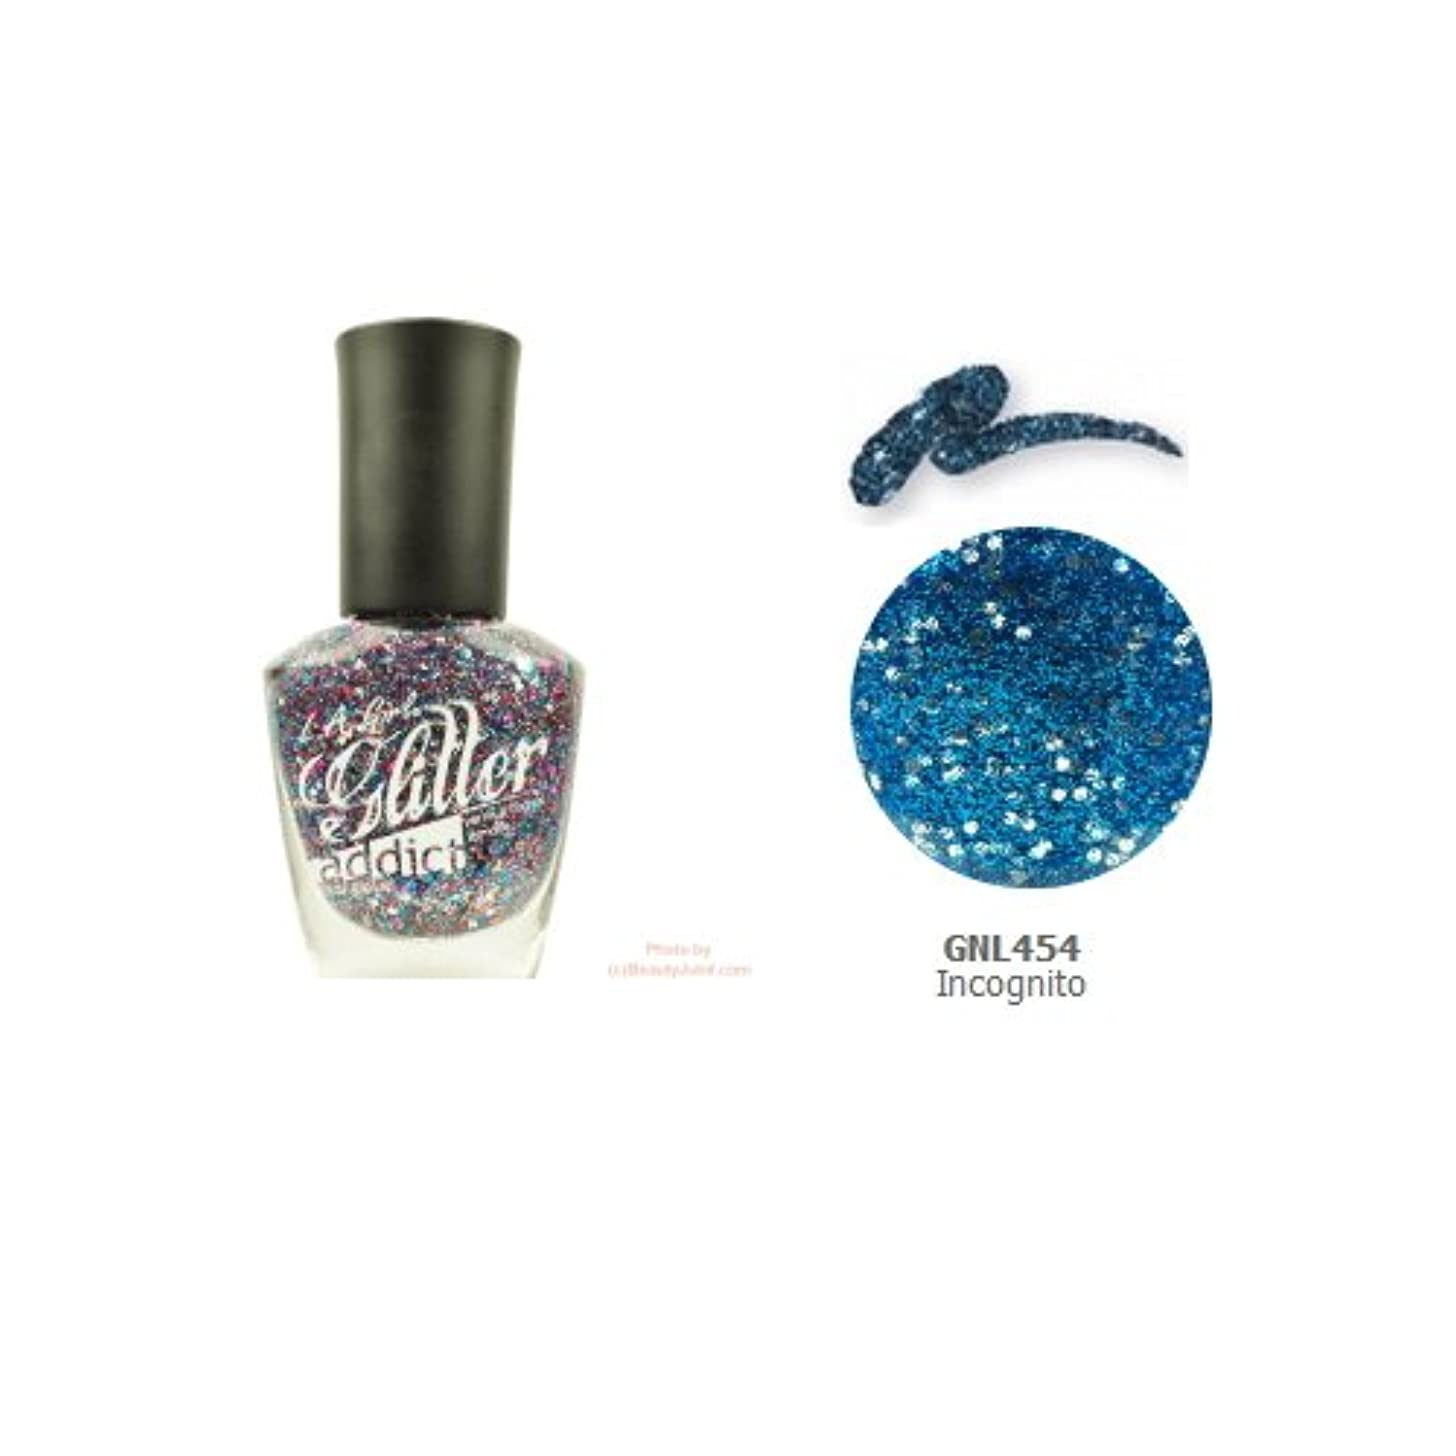 取るに足らない社交的曲(3 Pack) LA GIRL Glitter Addict Polish - Incognito (並行輸入品)